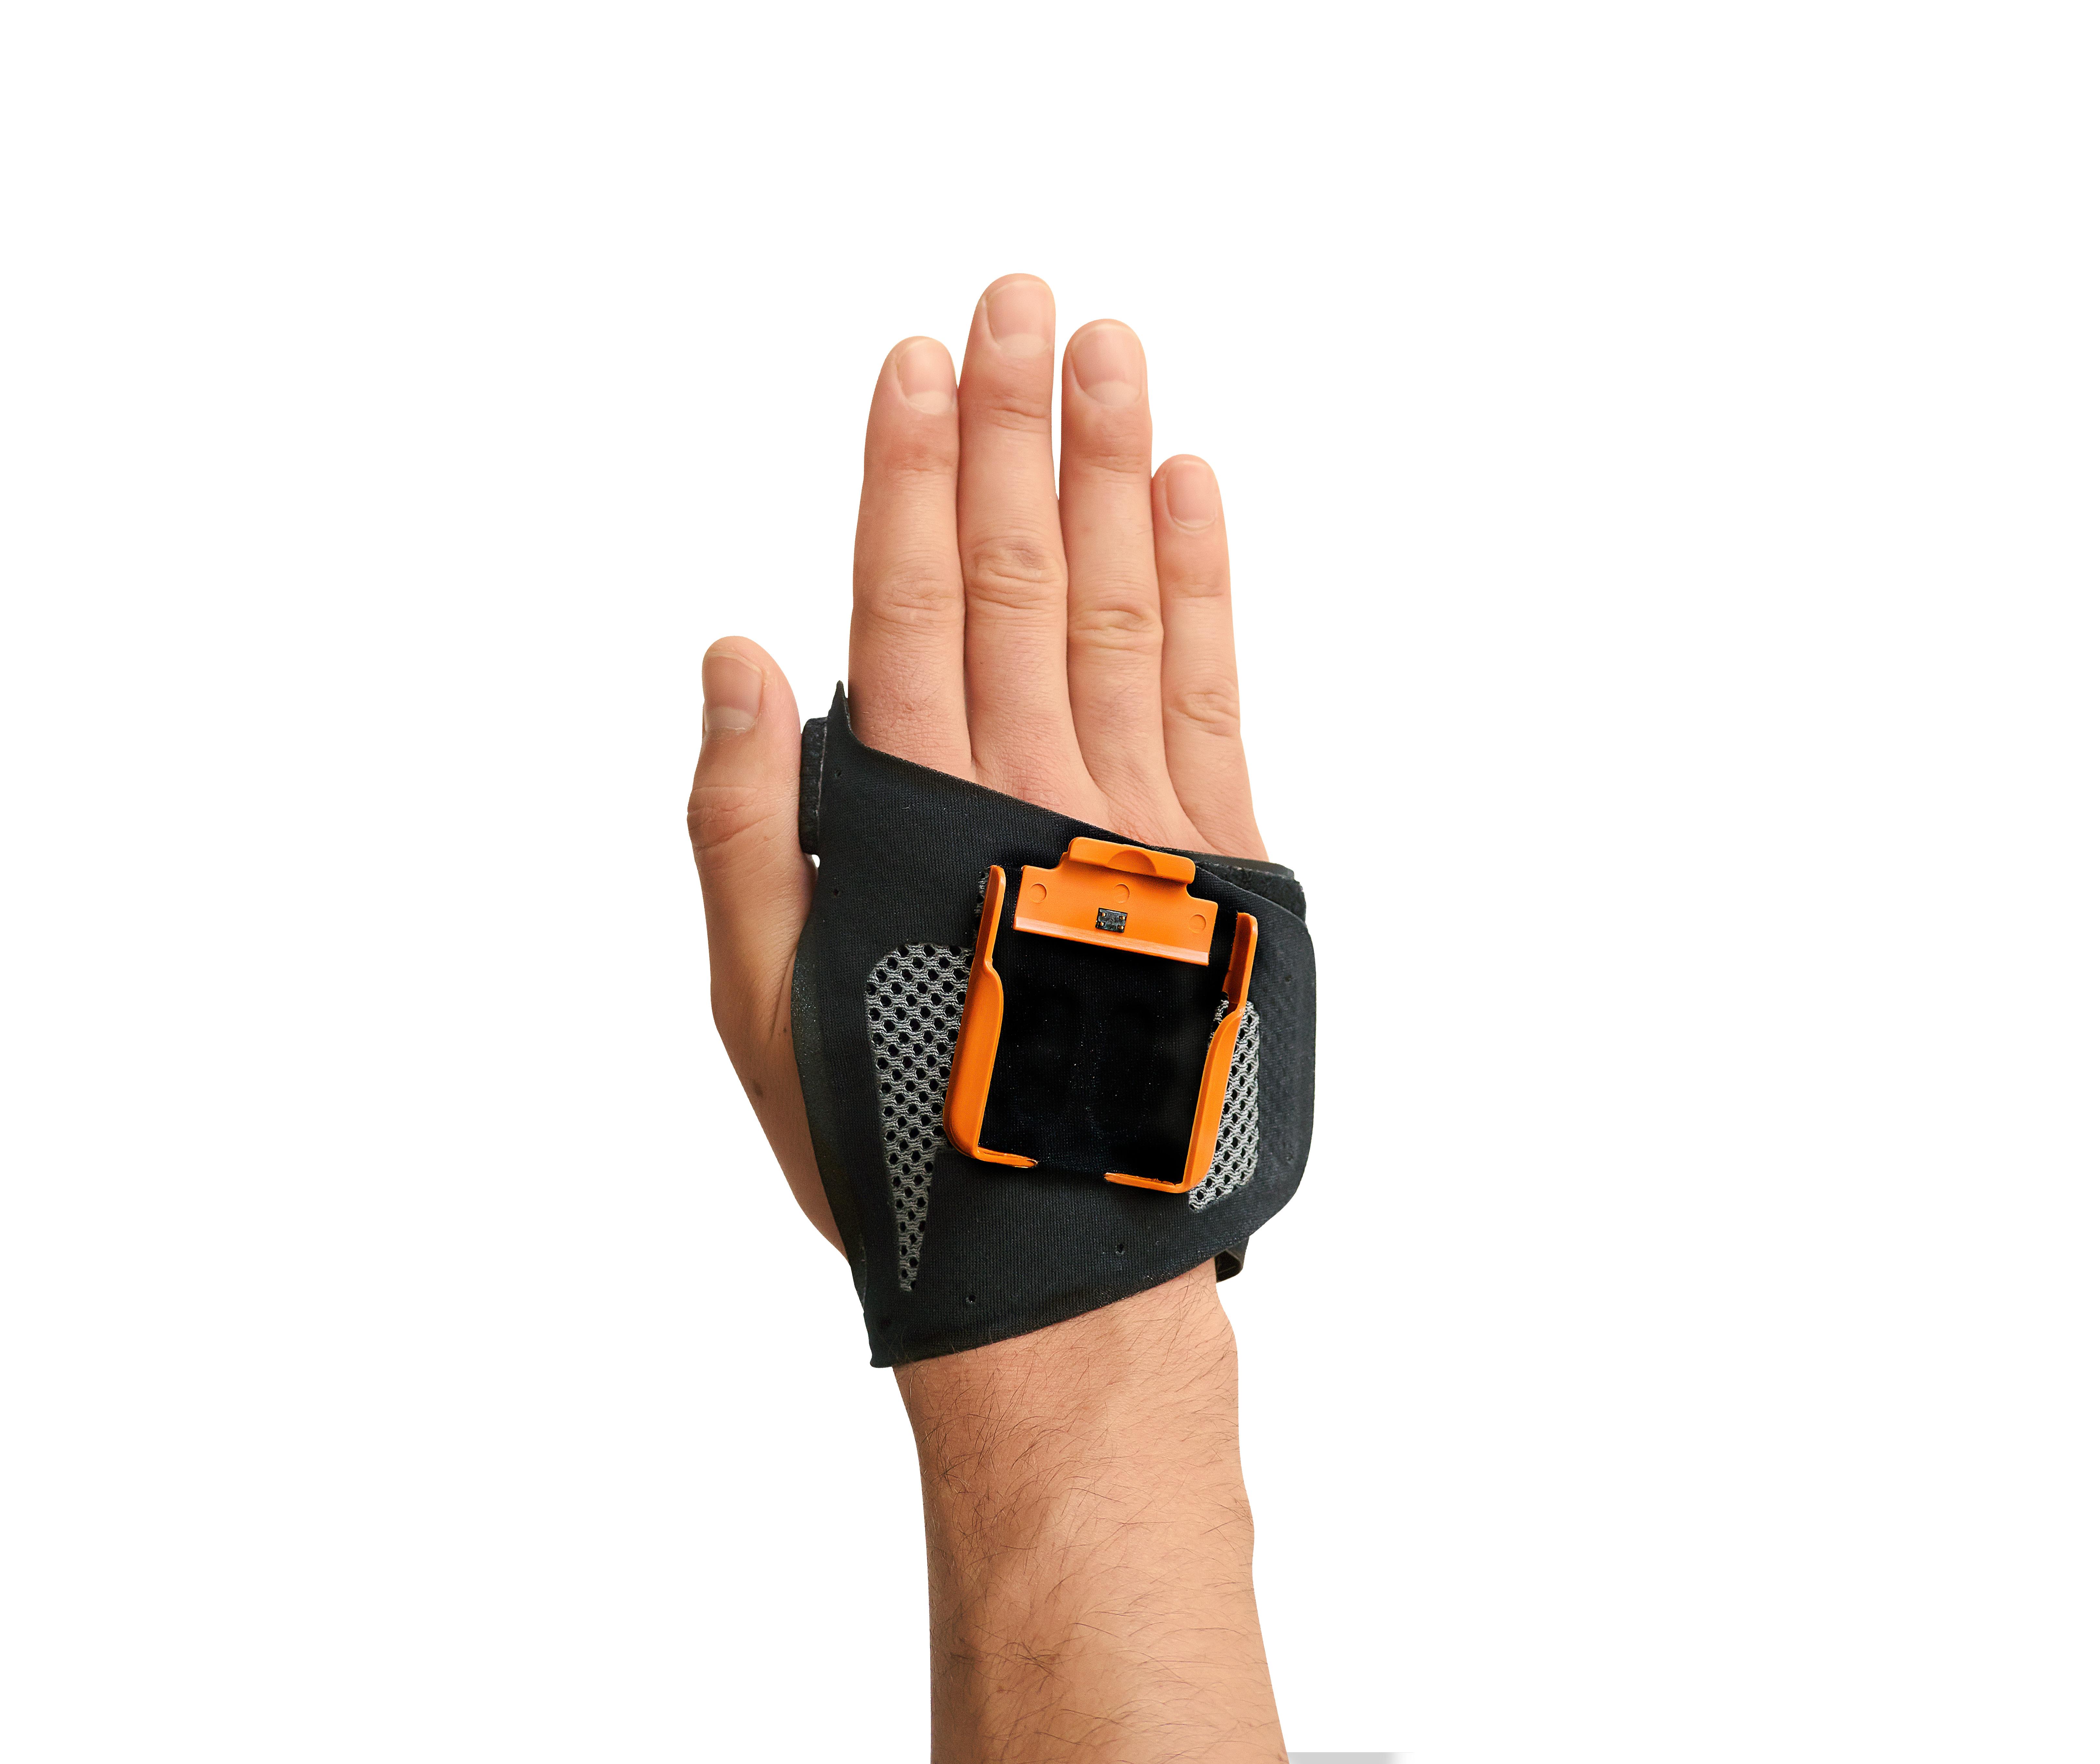 ProGlove macht Schluss mit dem Handschuh, aber der Handschuhscanner-Ansatz bleibt